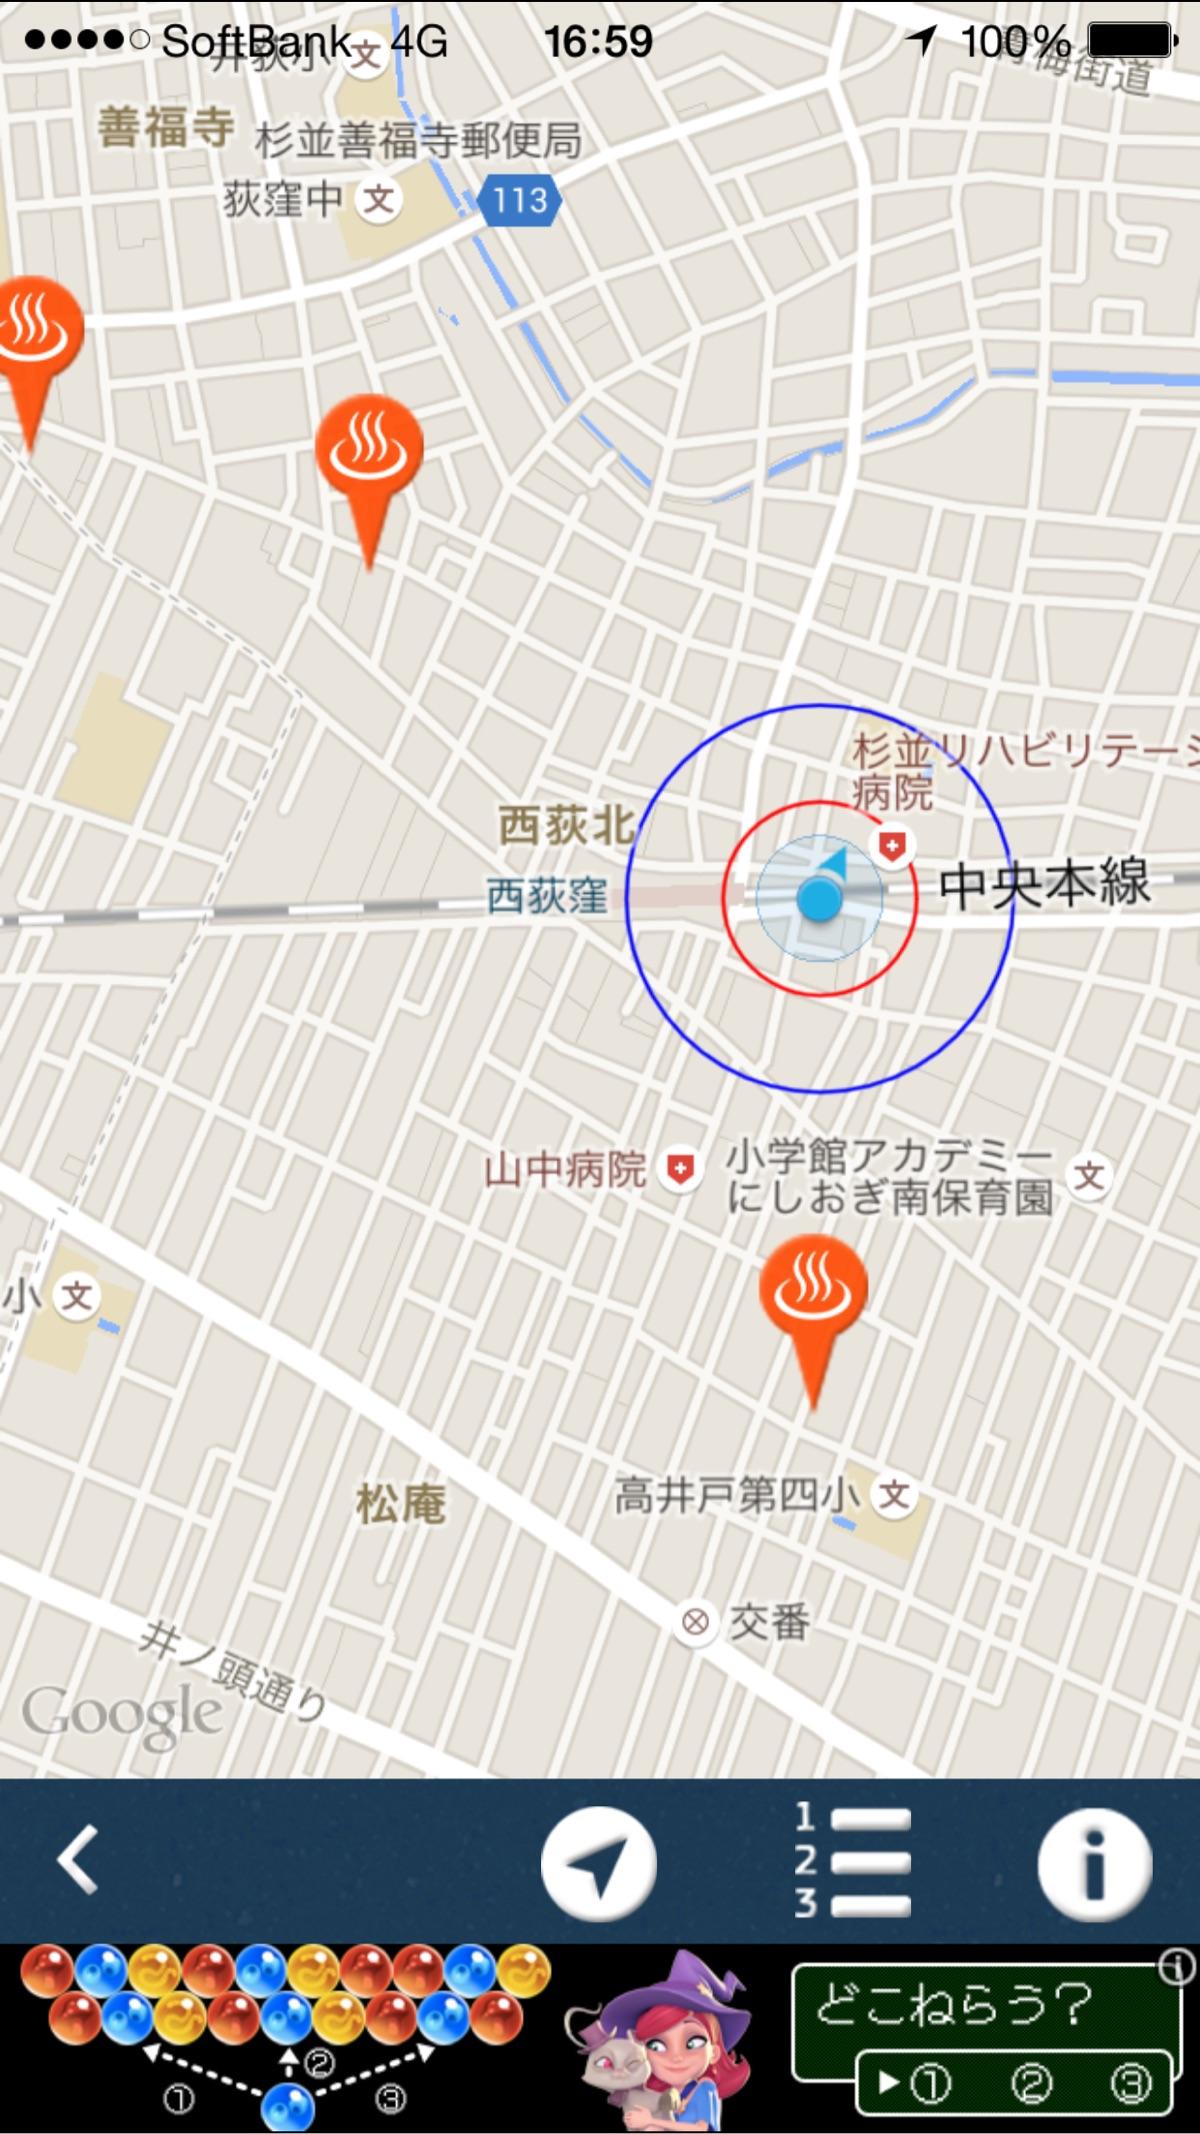 銭湯Map東京